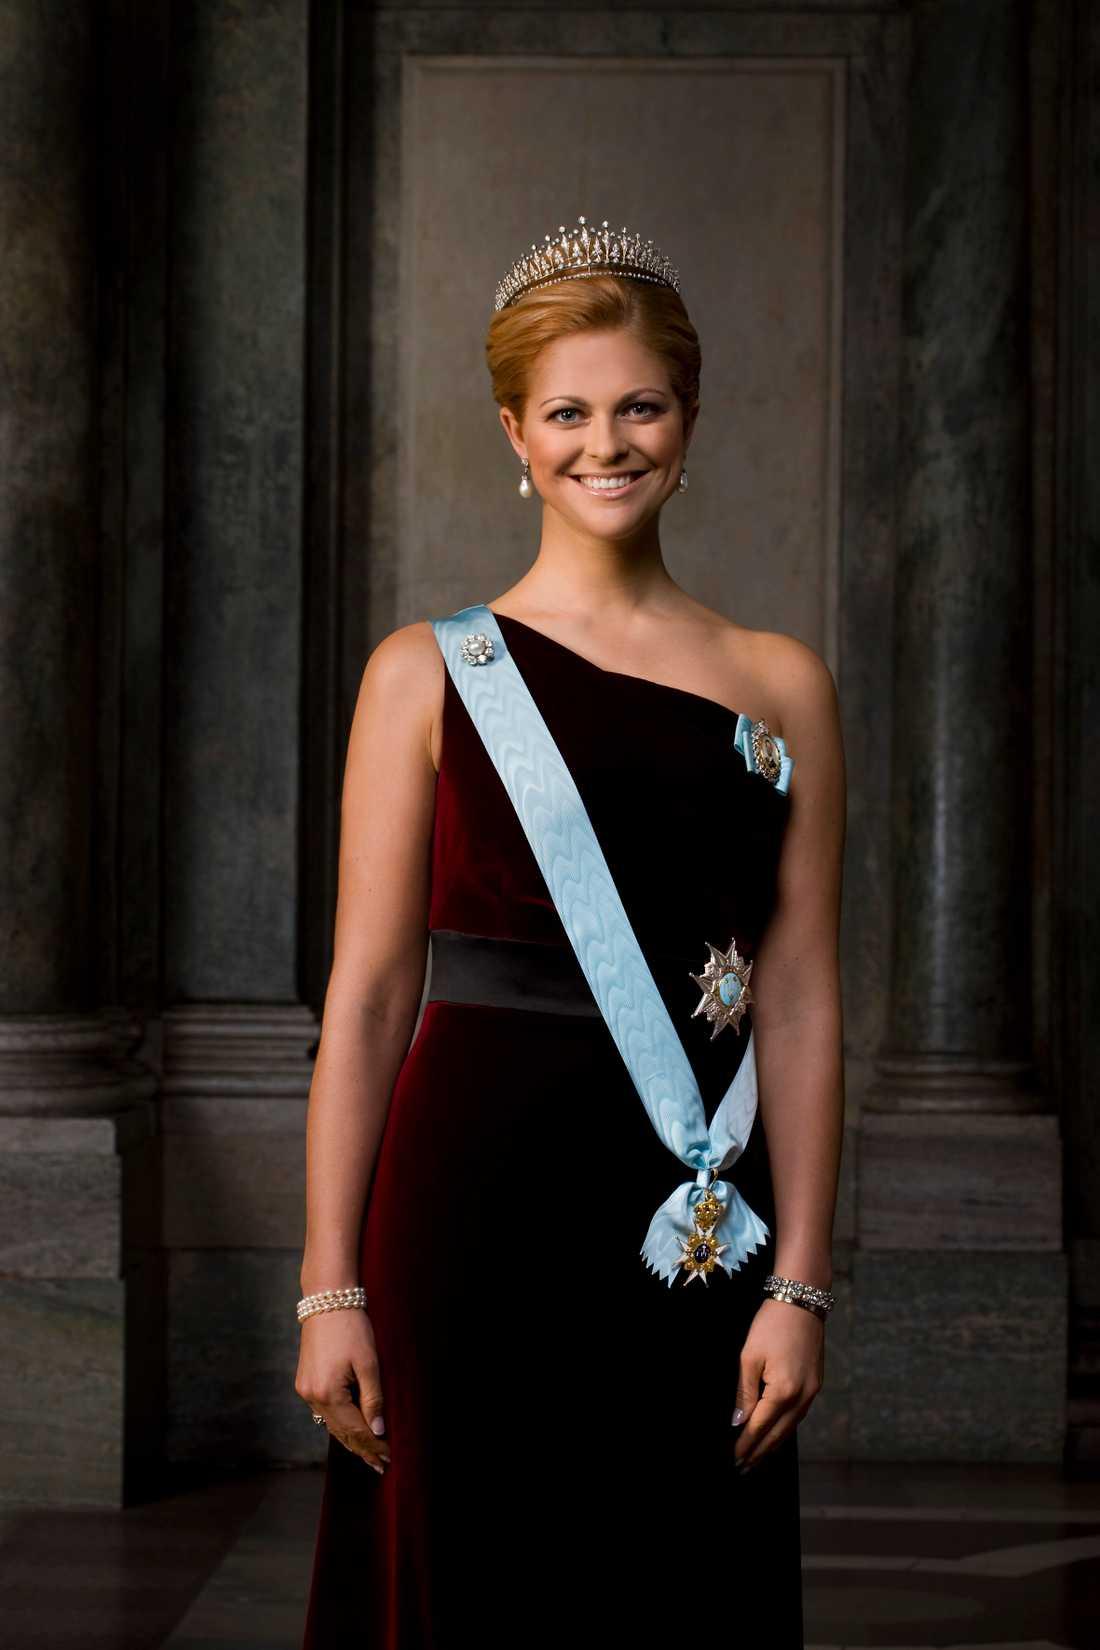 Hennes kungliga höghet Madeleine Thérèse Amelie Josephine, Prinsessa av Sverige och Hertiginna av Hälsingland och Gästrikland.